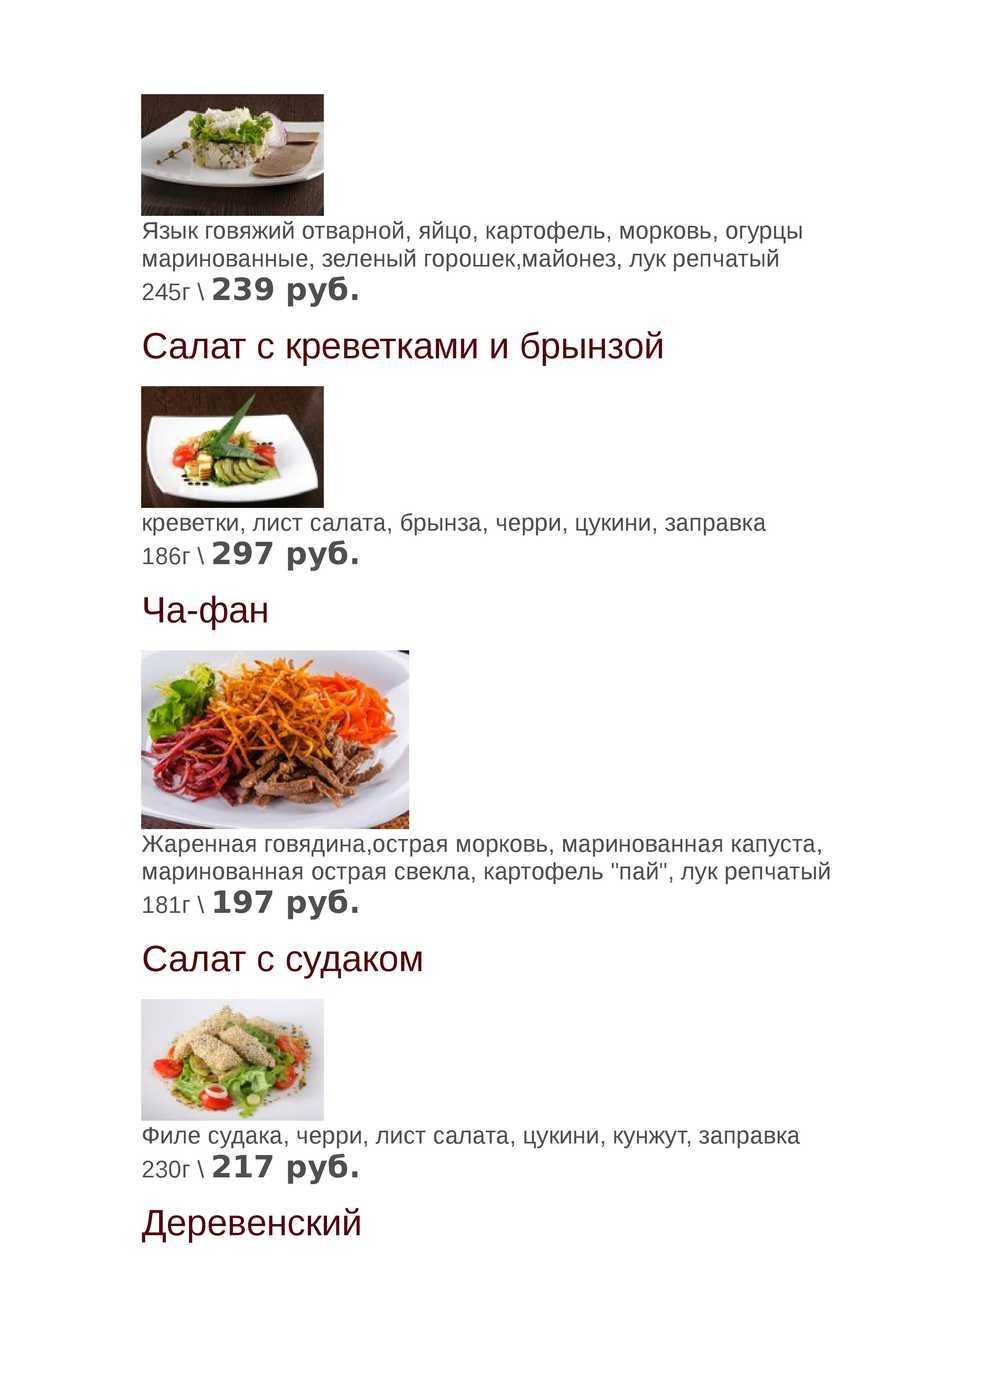 Меню кафе Ермак на проспекте имени газеты Красноярский Рабочий фото 10